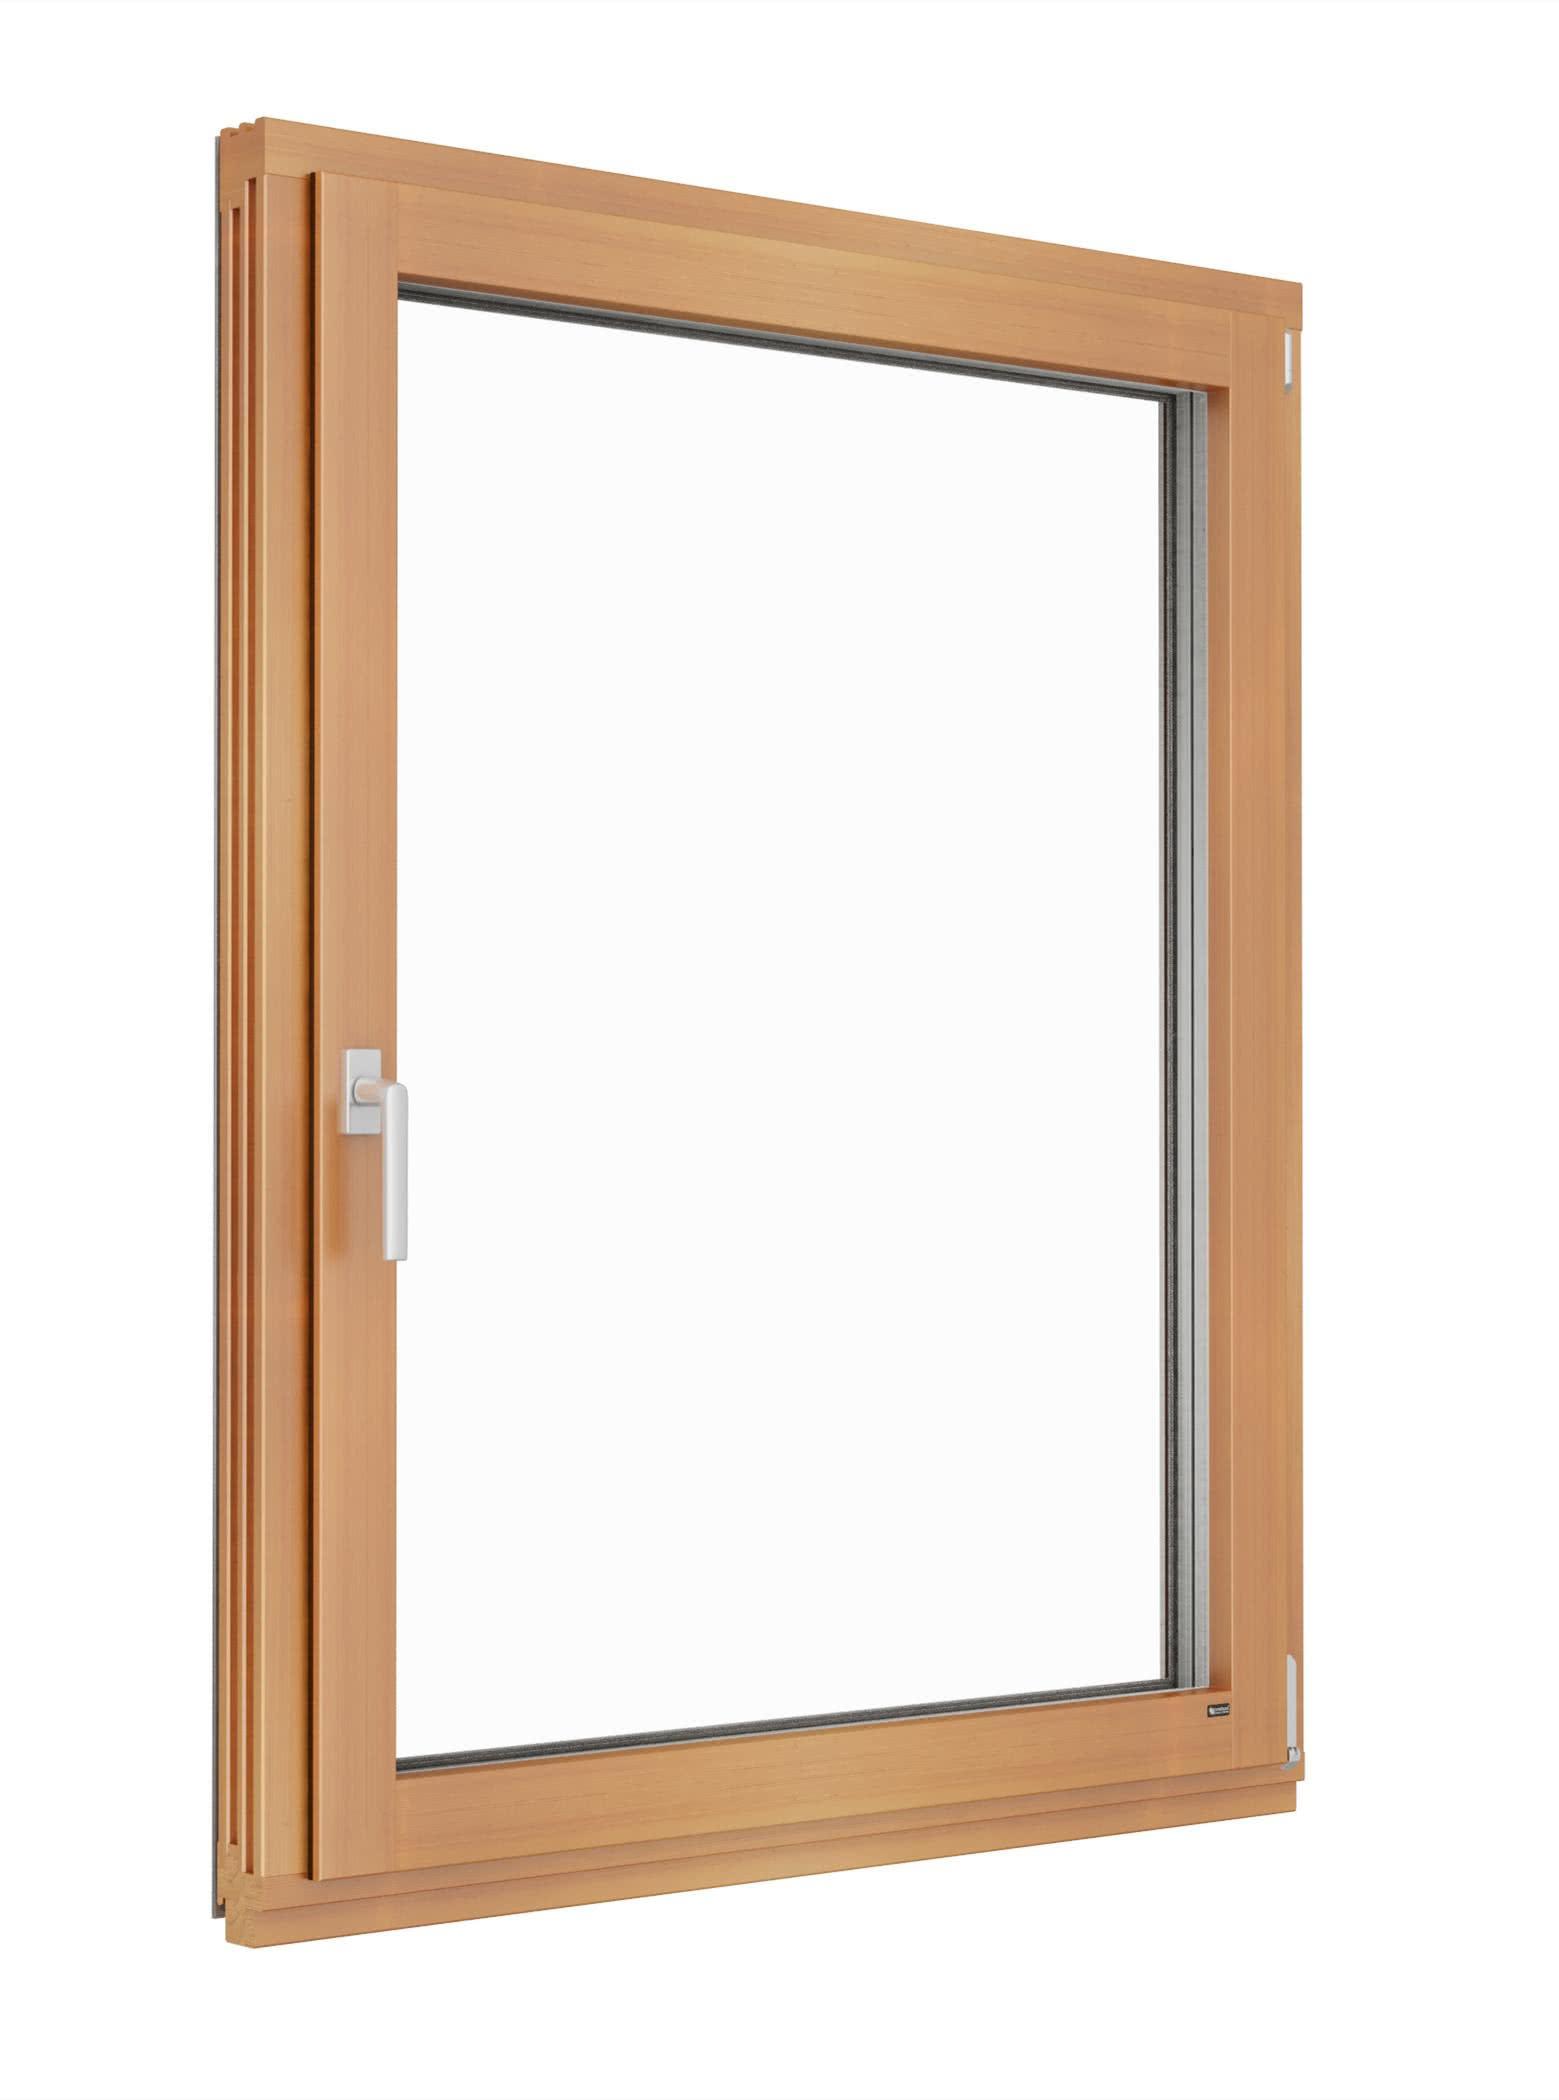 Okna Mogą Zabezpieczyć Przed Włamaniem